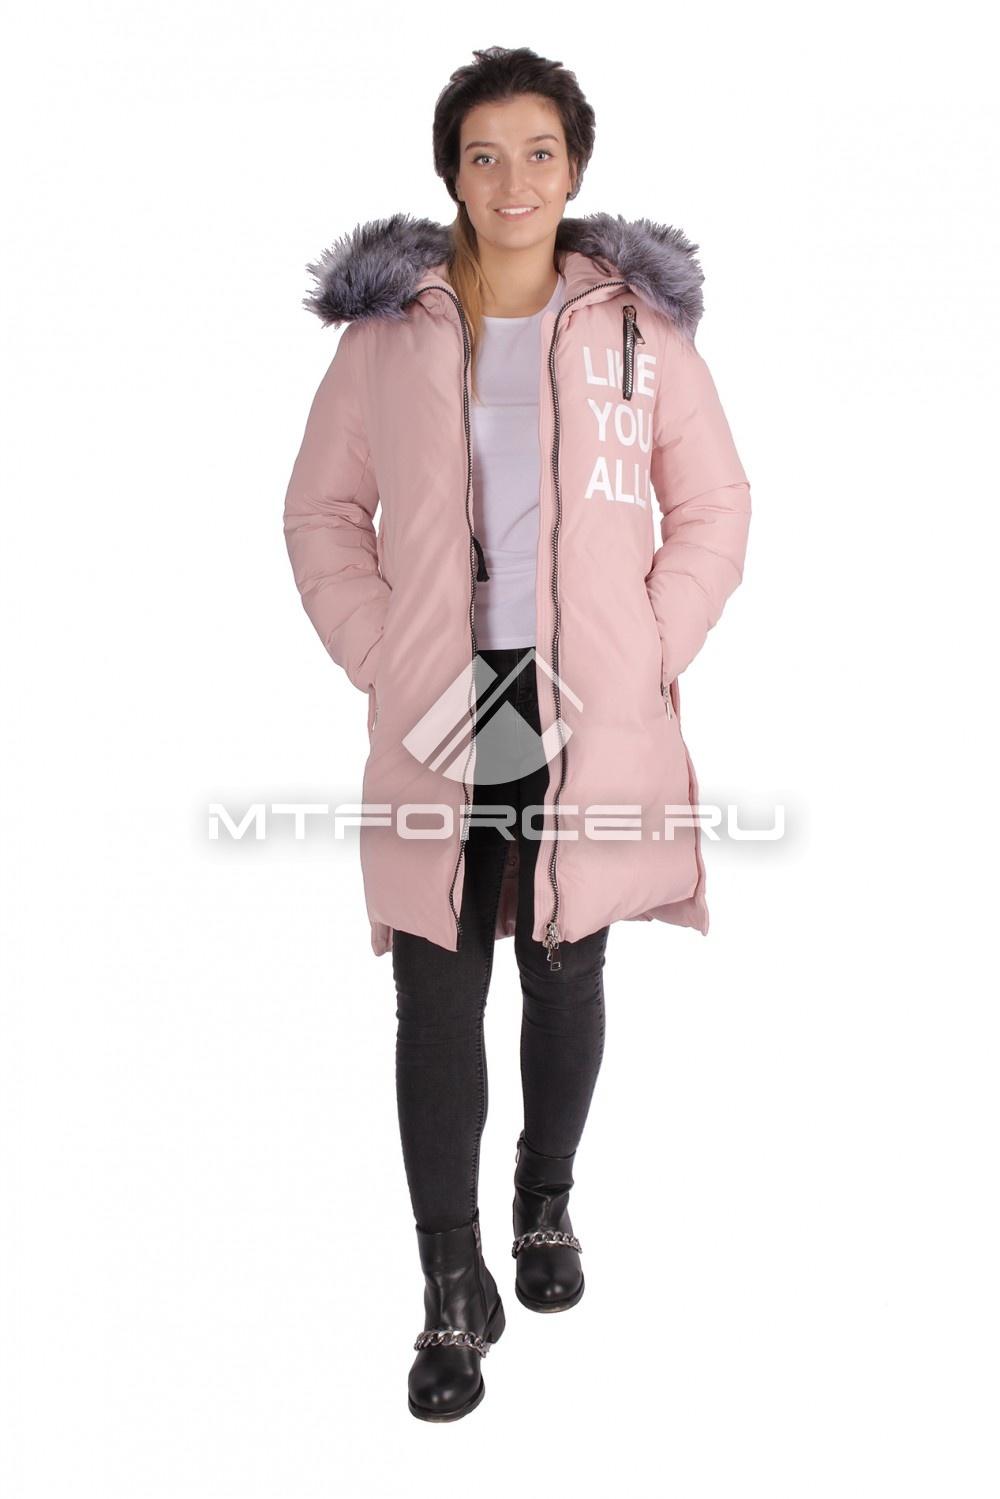 Купить                                  оптом Пуховик ТРЕНД женский зимний розового цвета 16092R